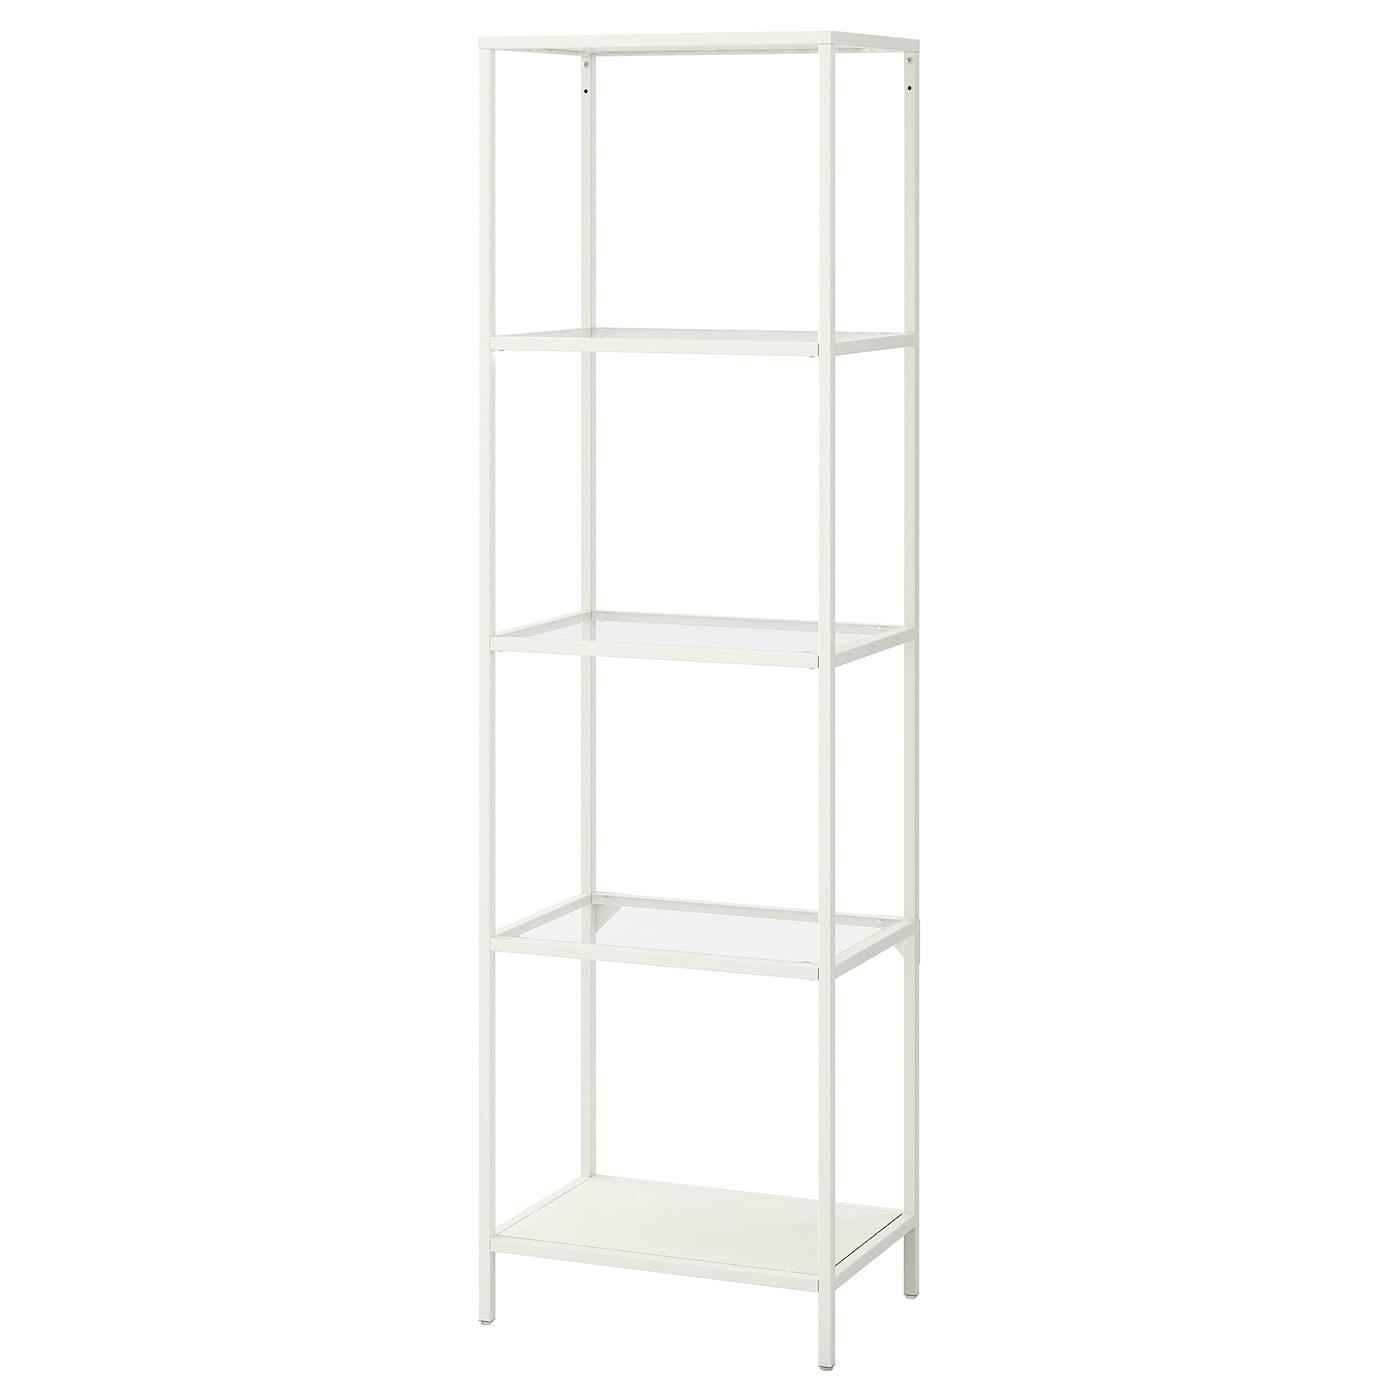 VITTSJÖ Shelf unit   white/glass 20 20/20x620 20/20